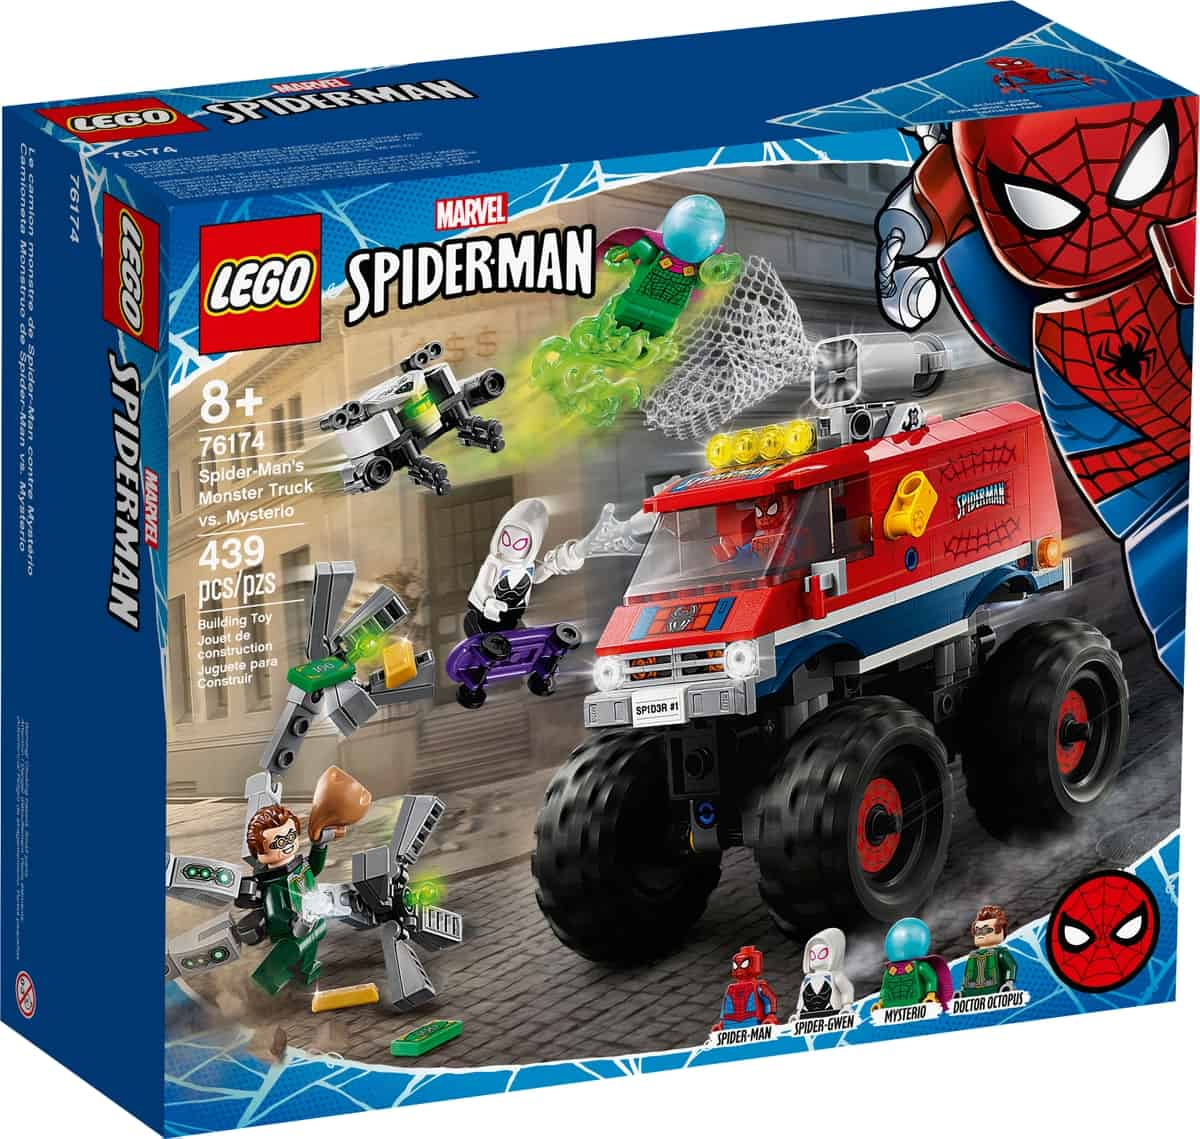 Lego Alennus